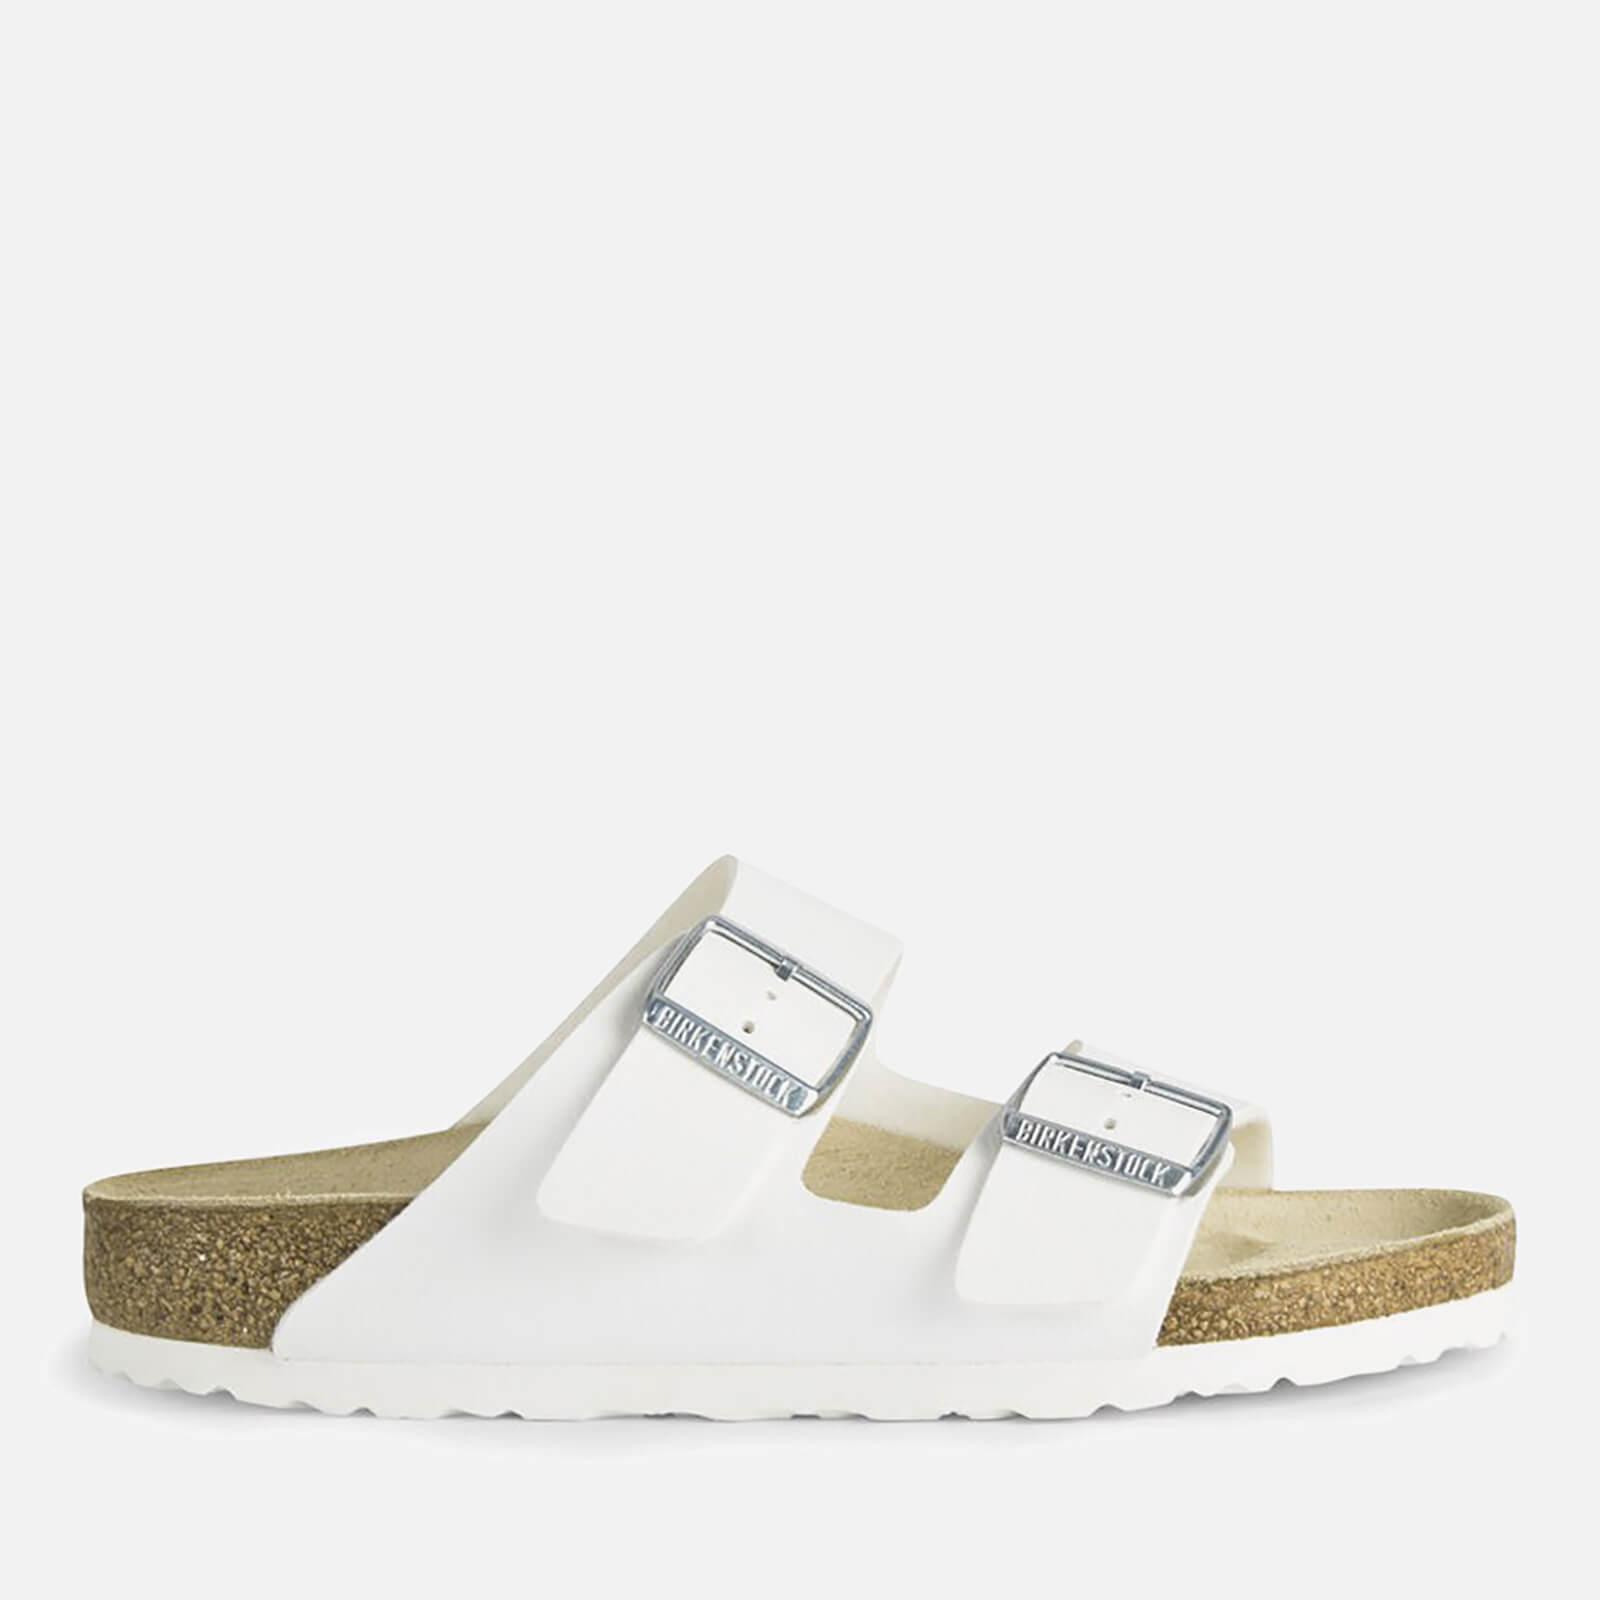 Birkenstock Women's Arizona Double Strap Sandals - White - EU 40/UK 7